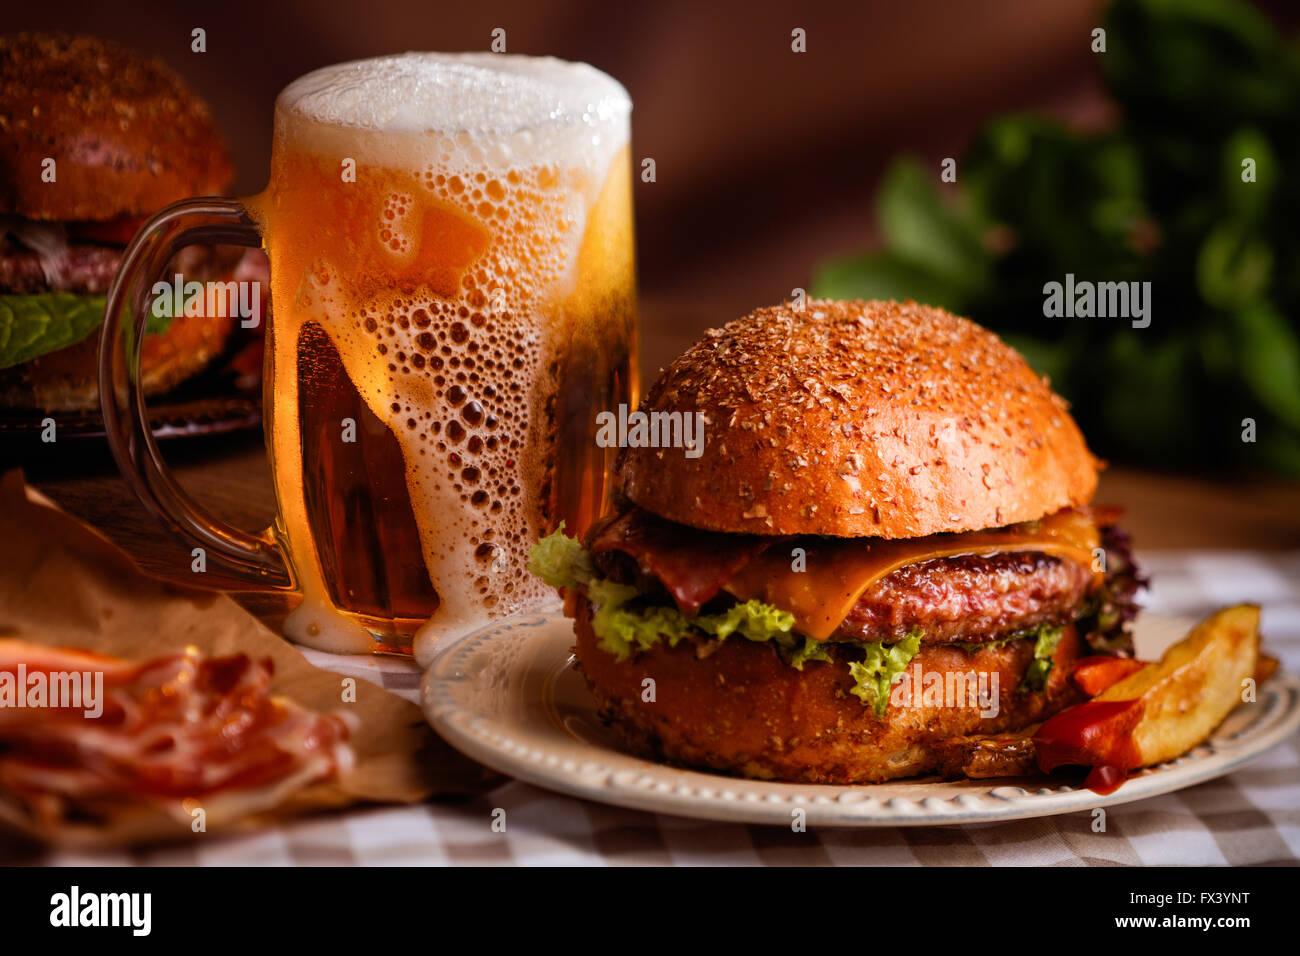 Abendessen mit Burger und Bier Stockbild